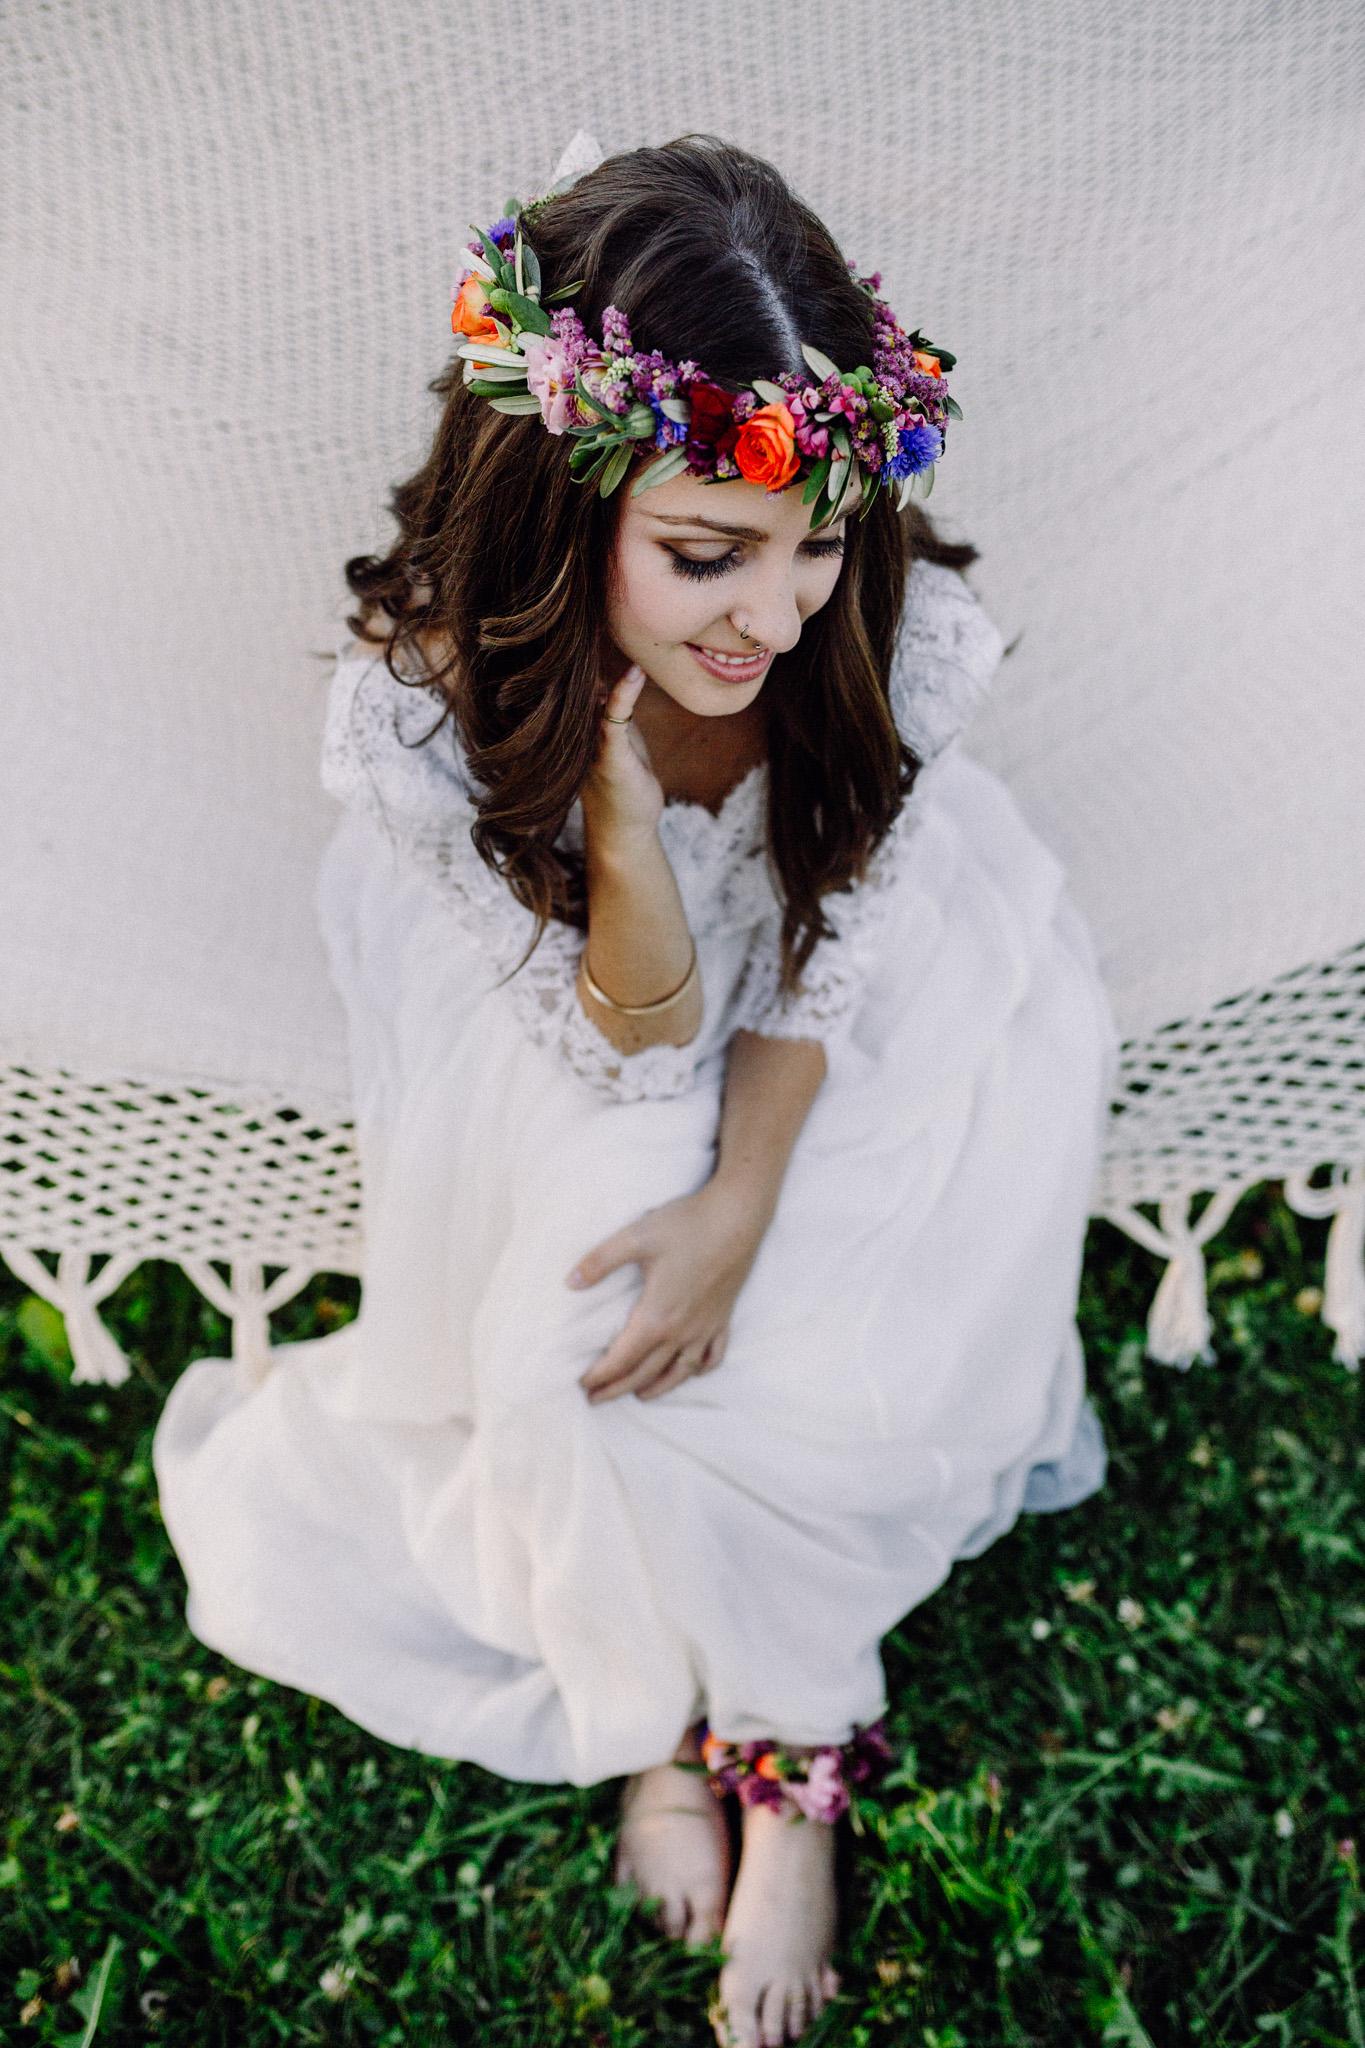 Hippie_Boho_Wedding_Hochzeit_Hochzeitsfotograf_Stuttgart_me_him_photography-klein-597